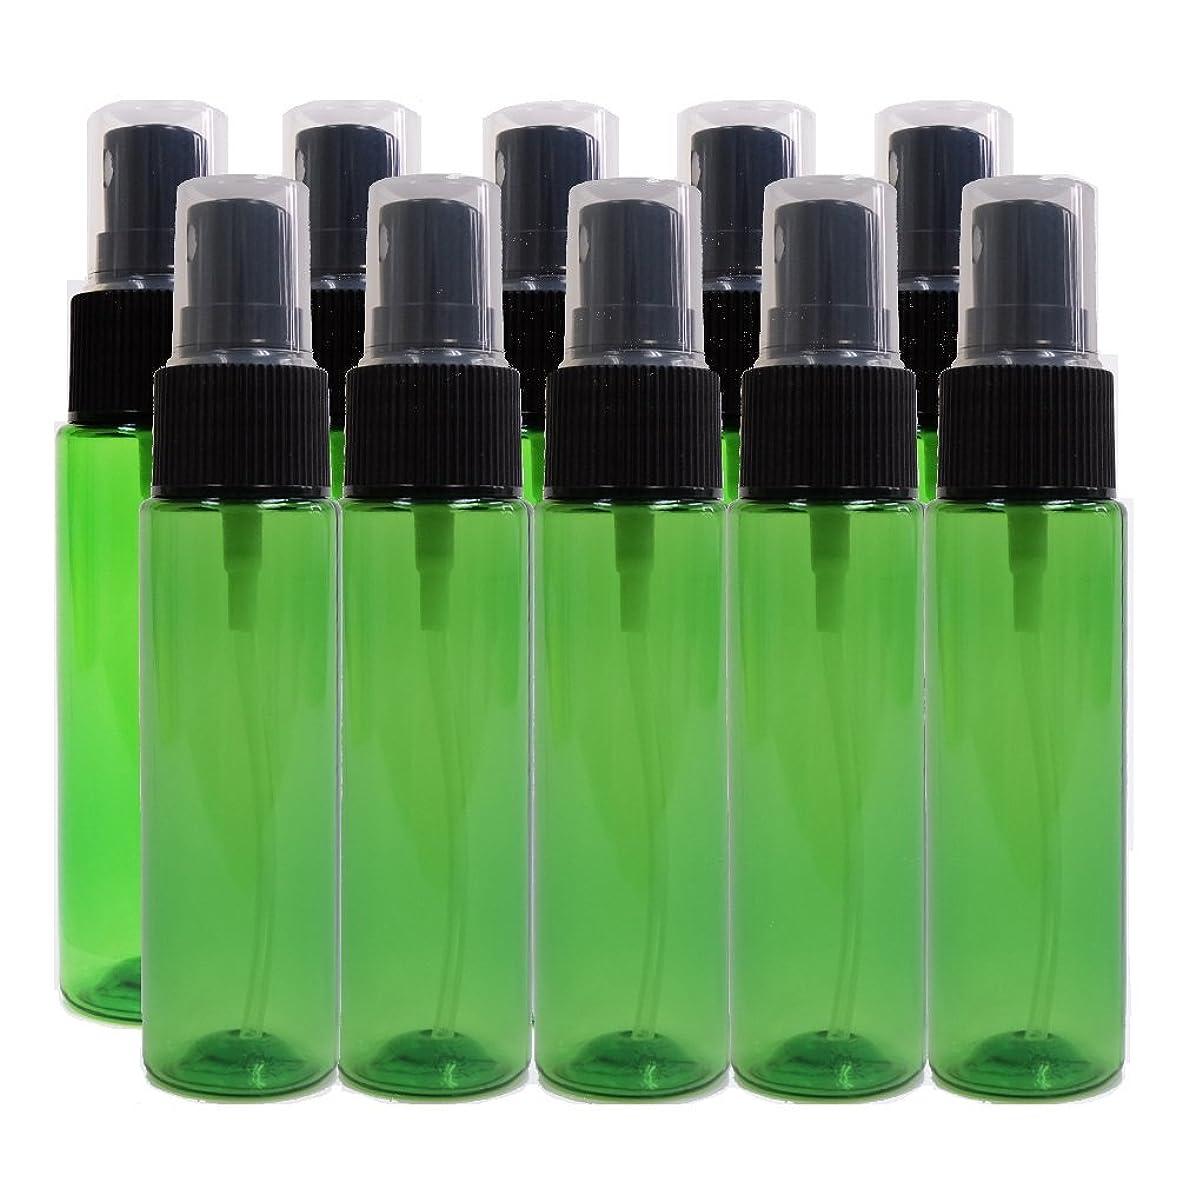 言い訳雨アレルギーease 保存容器 スプレータイプ プラスチック 緑色 30ml×10本